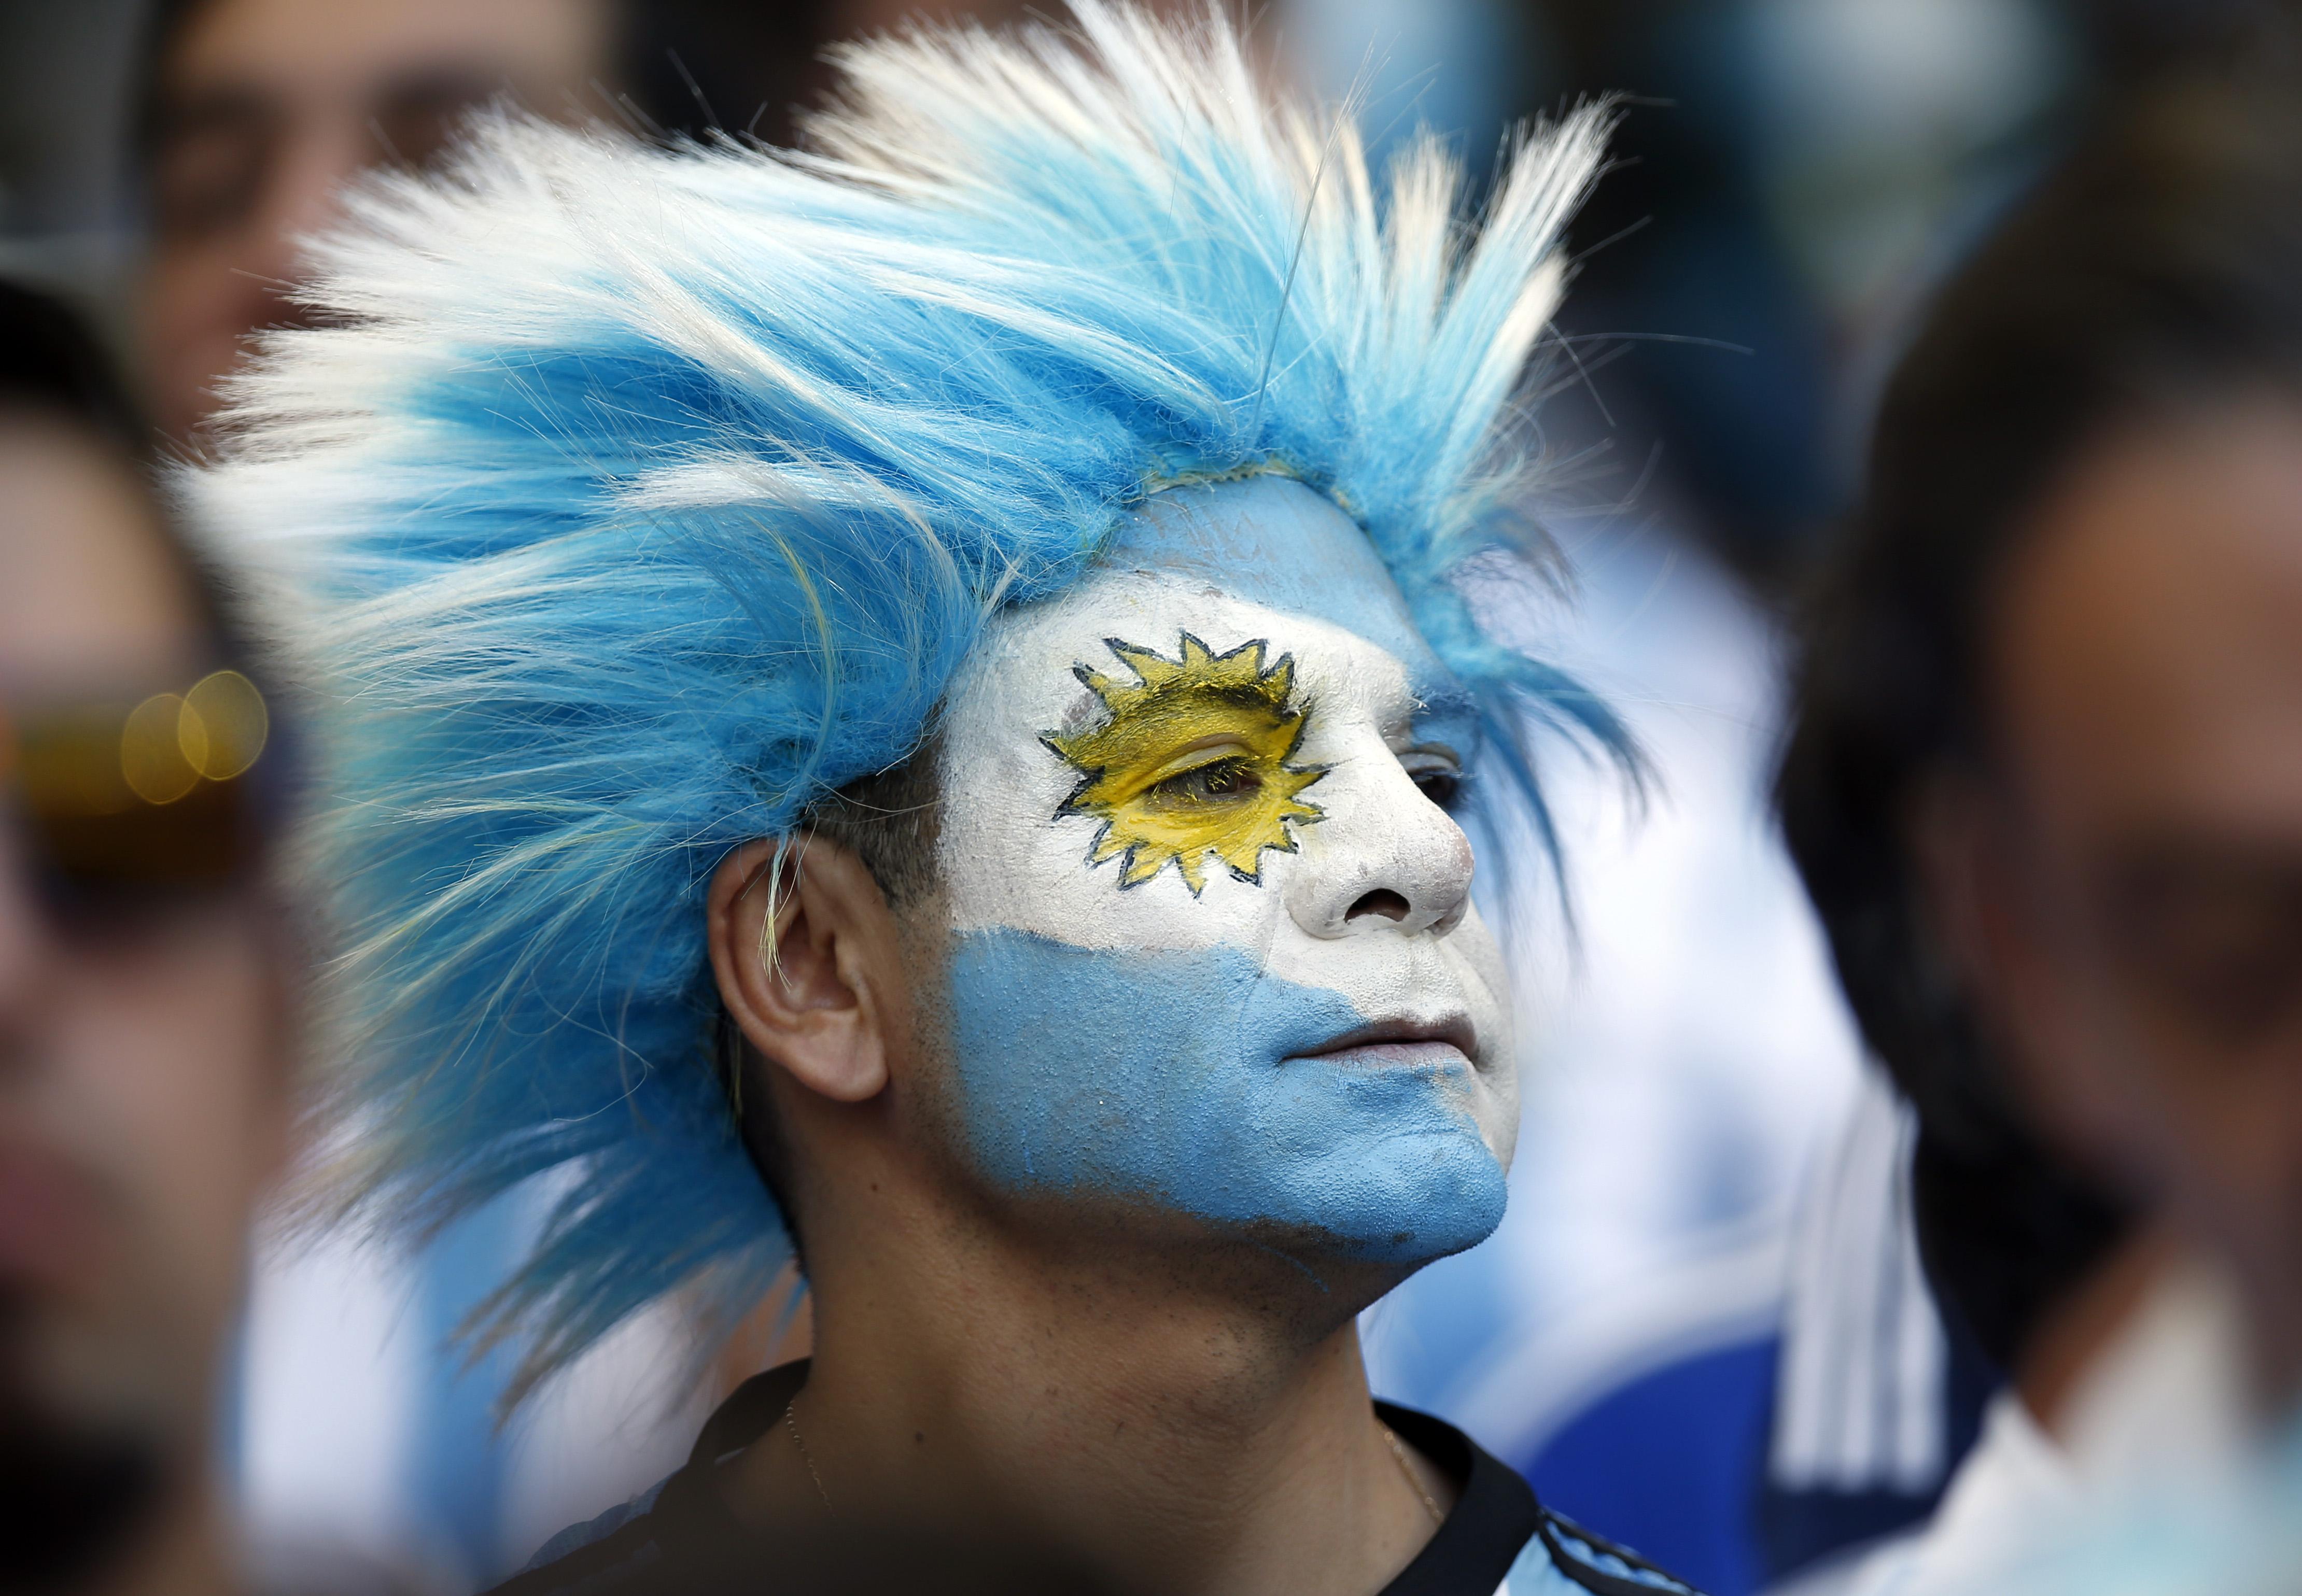 Hinchas Argentinos con cara pintada - 4440x3079